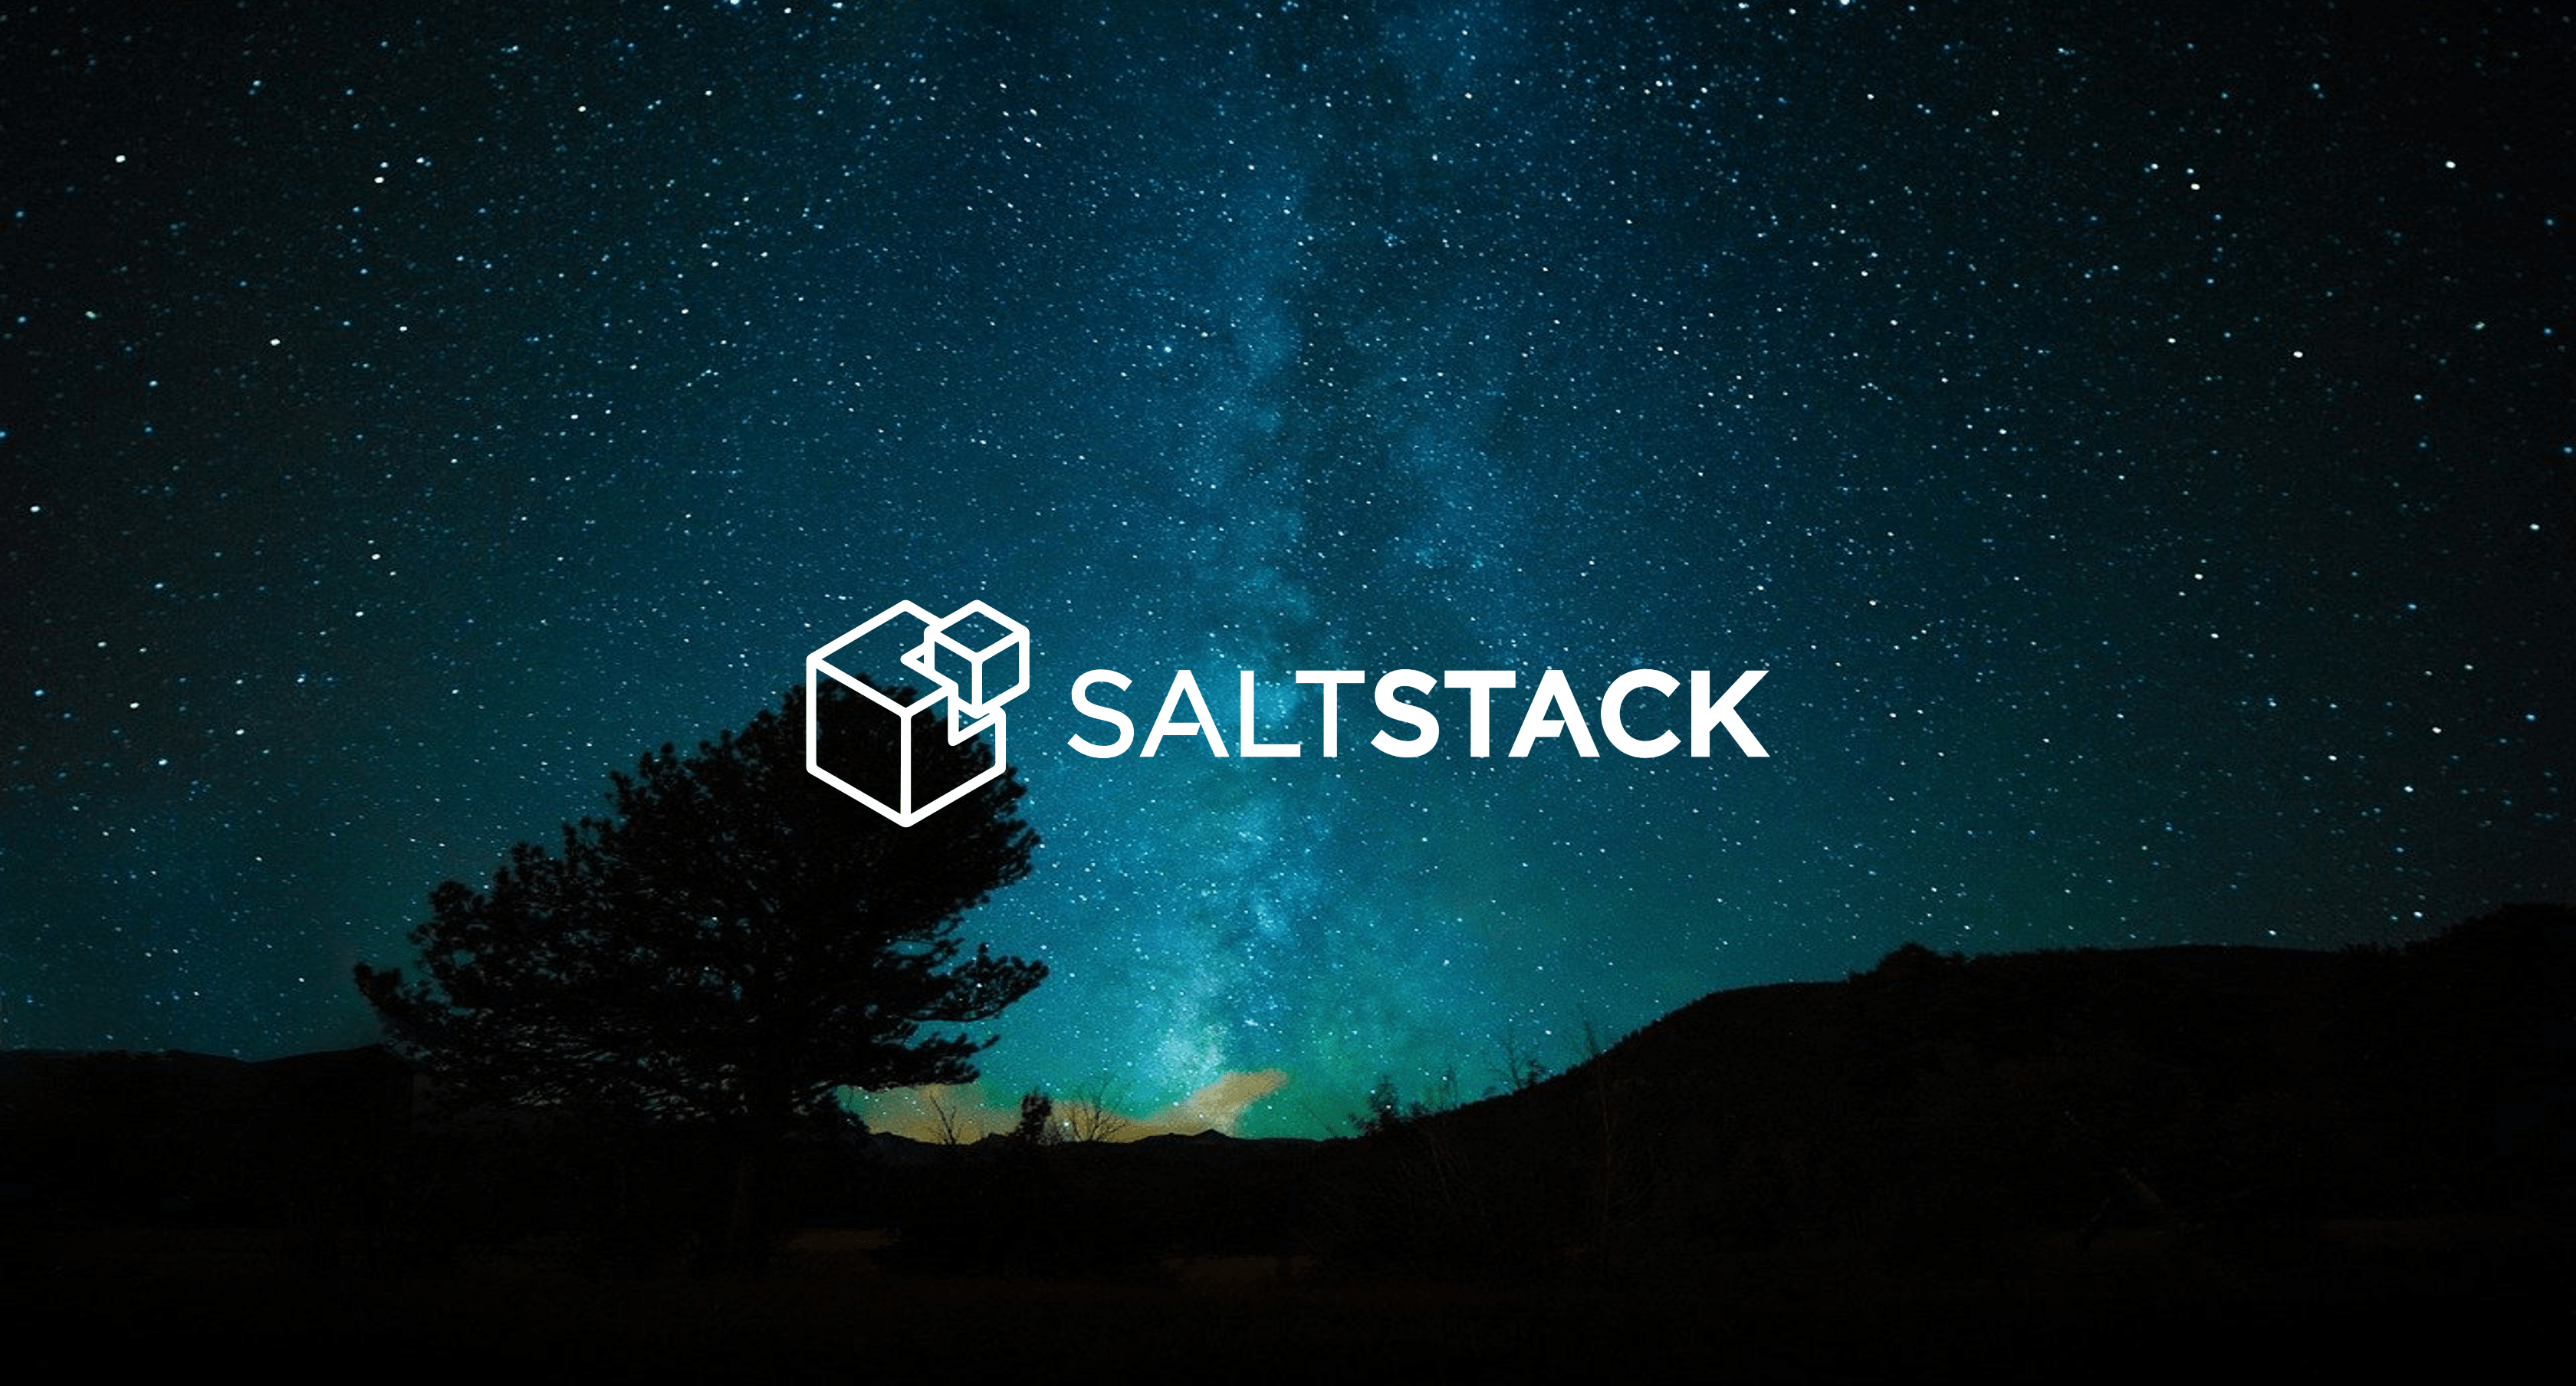 saltstack background